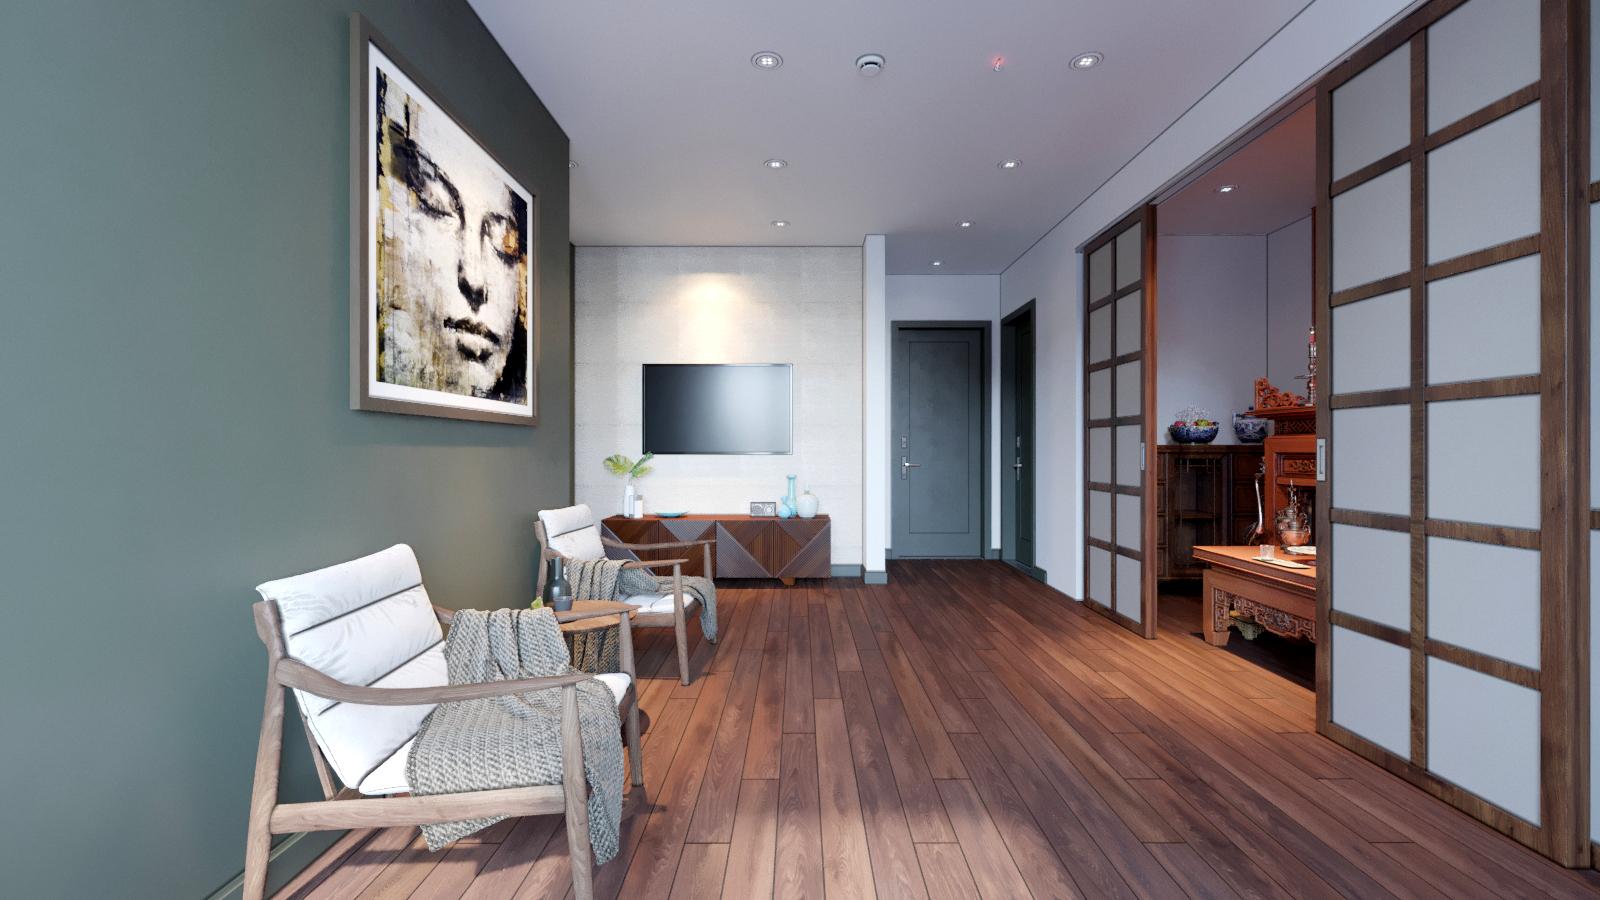 thiết kế Nội thất Biệt Thự 3 tầng biệt thự bt25 splendora mới (lakeside splendora)2210